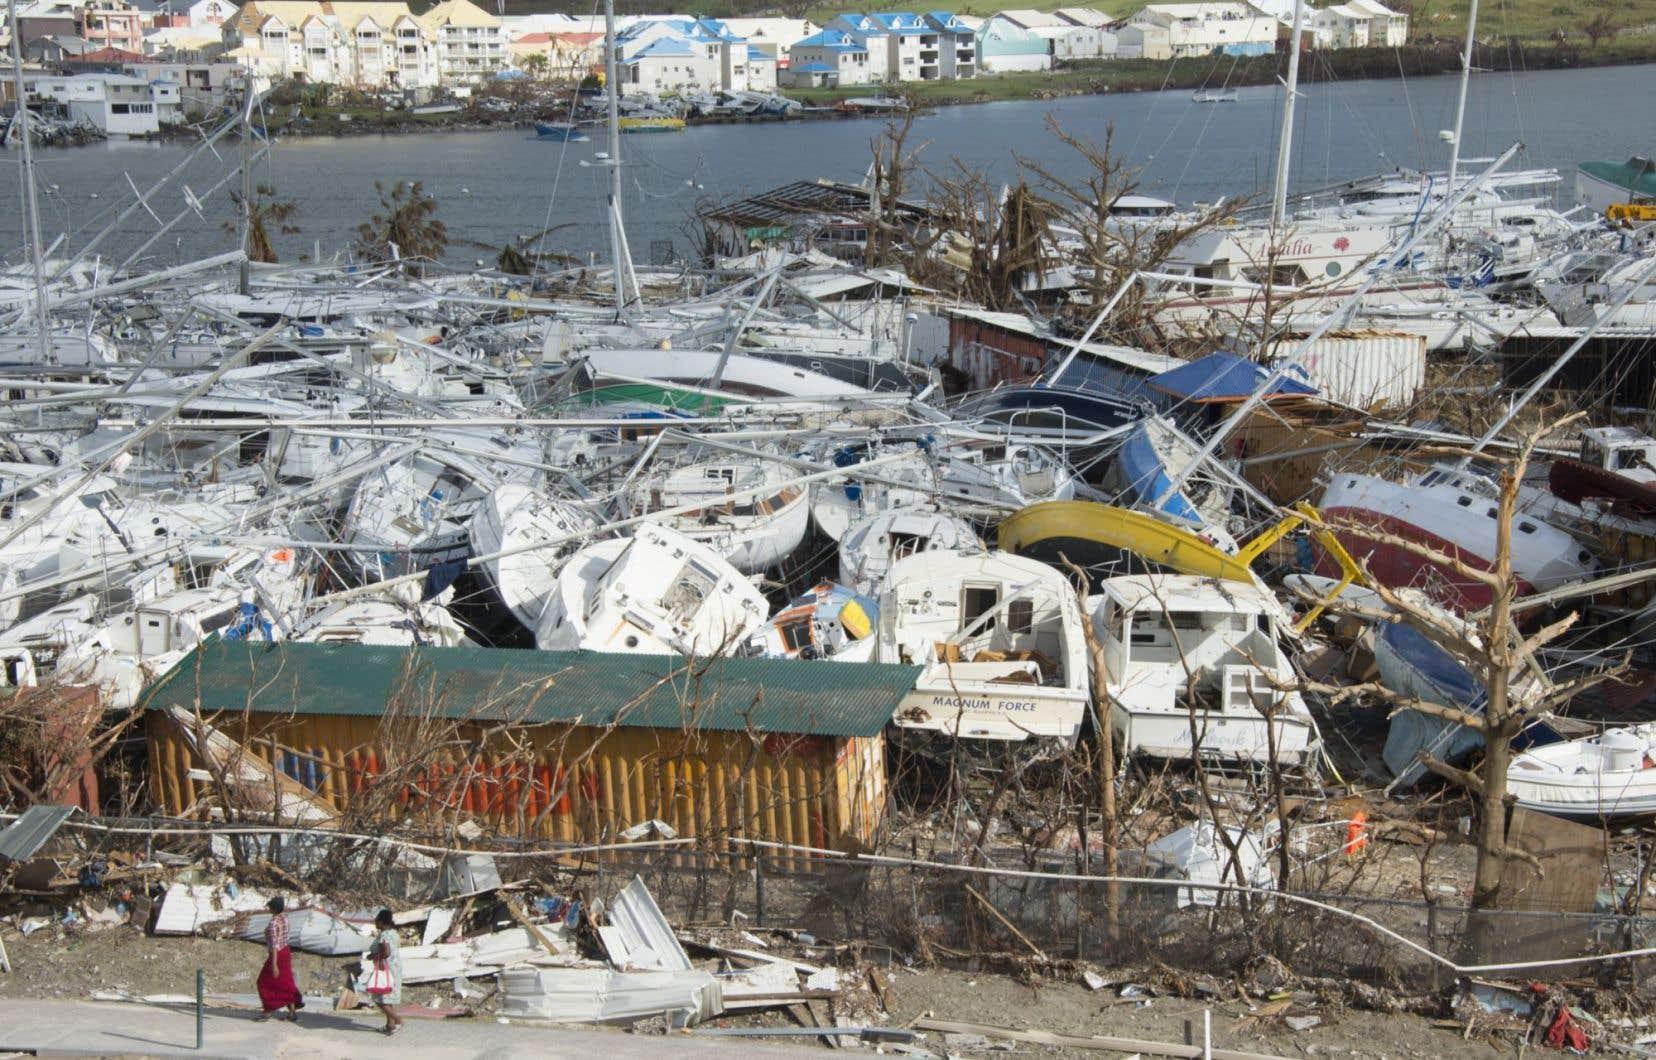 Dévastée par «Irma», l'île de Saint-Martin sera rayée de la carte des destinations touristiques pour quelques mois, voire une année.